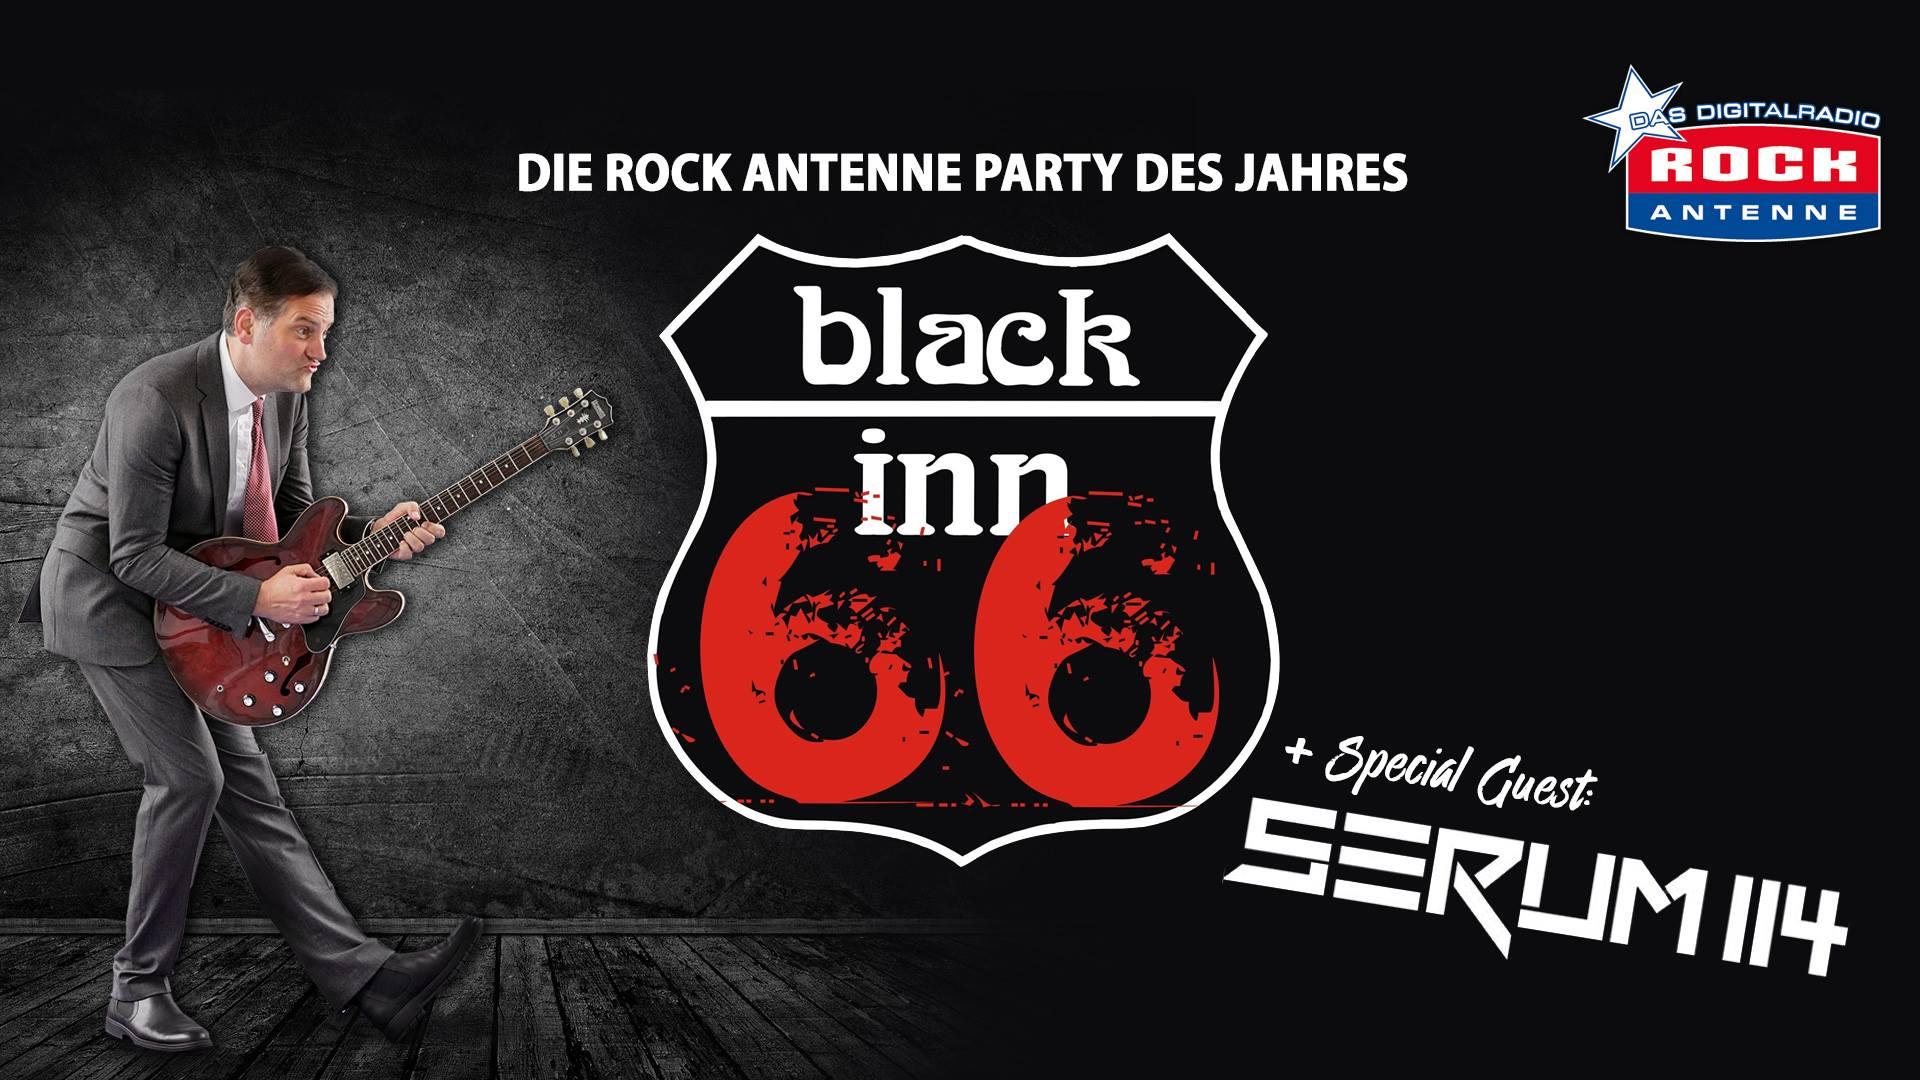 Rock Antenne Party des Jahres, Black Inn Ranstadt